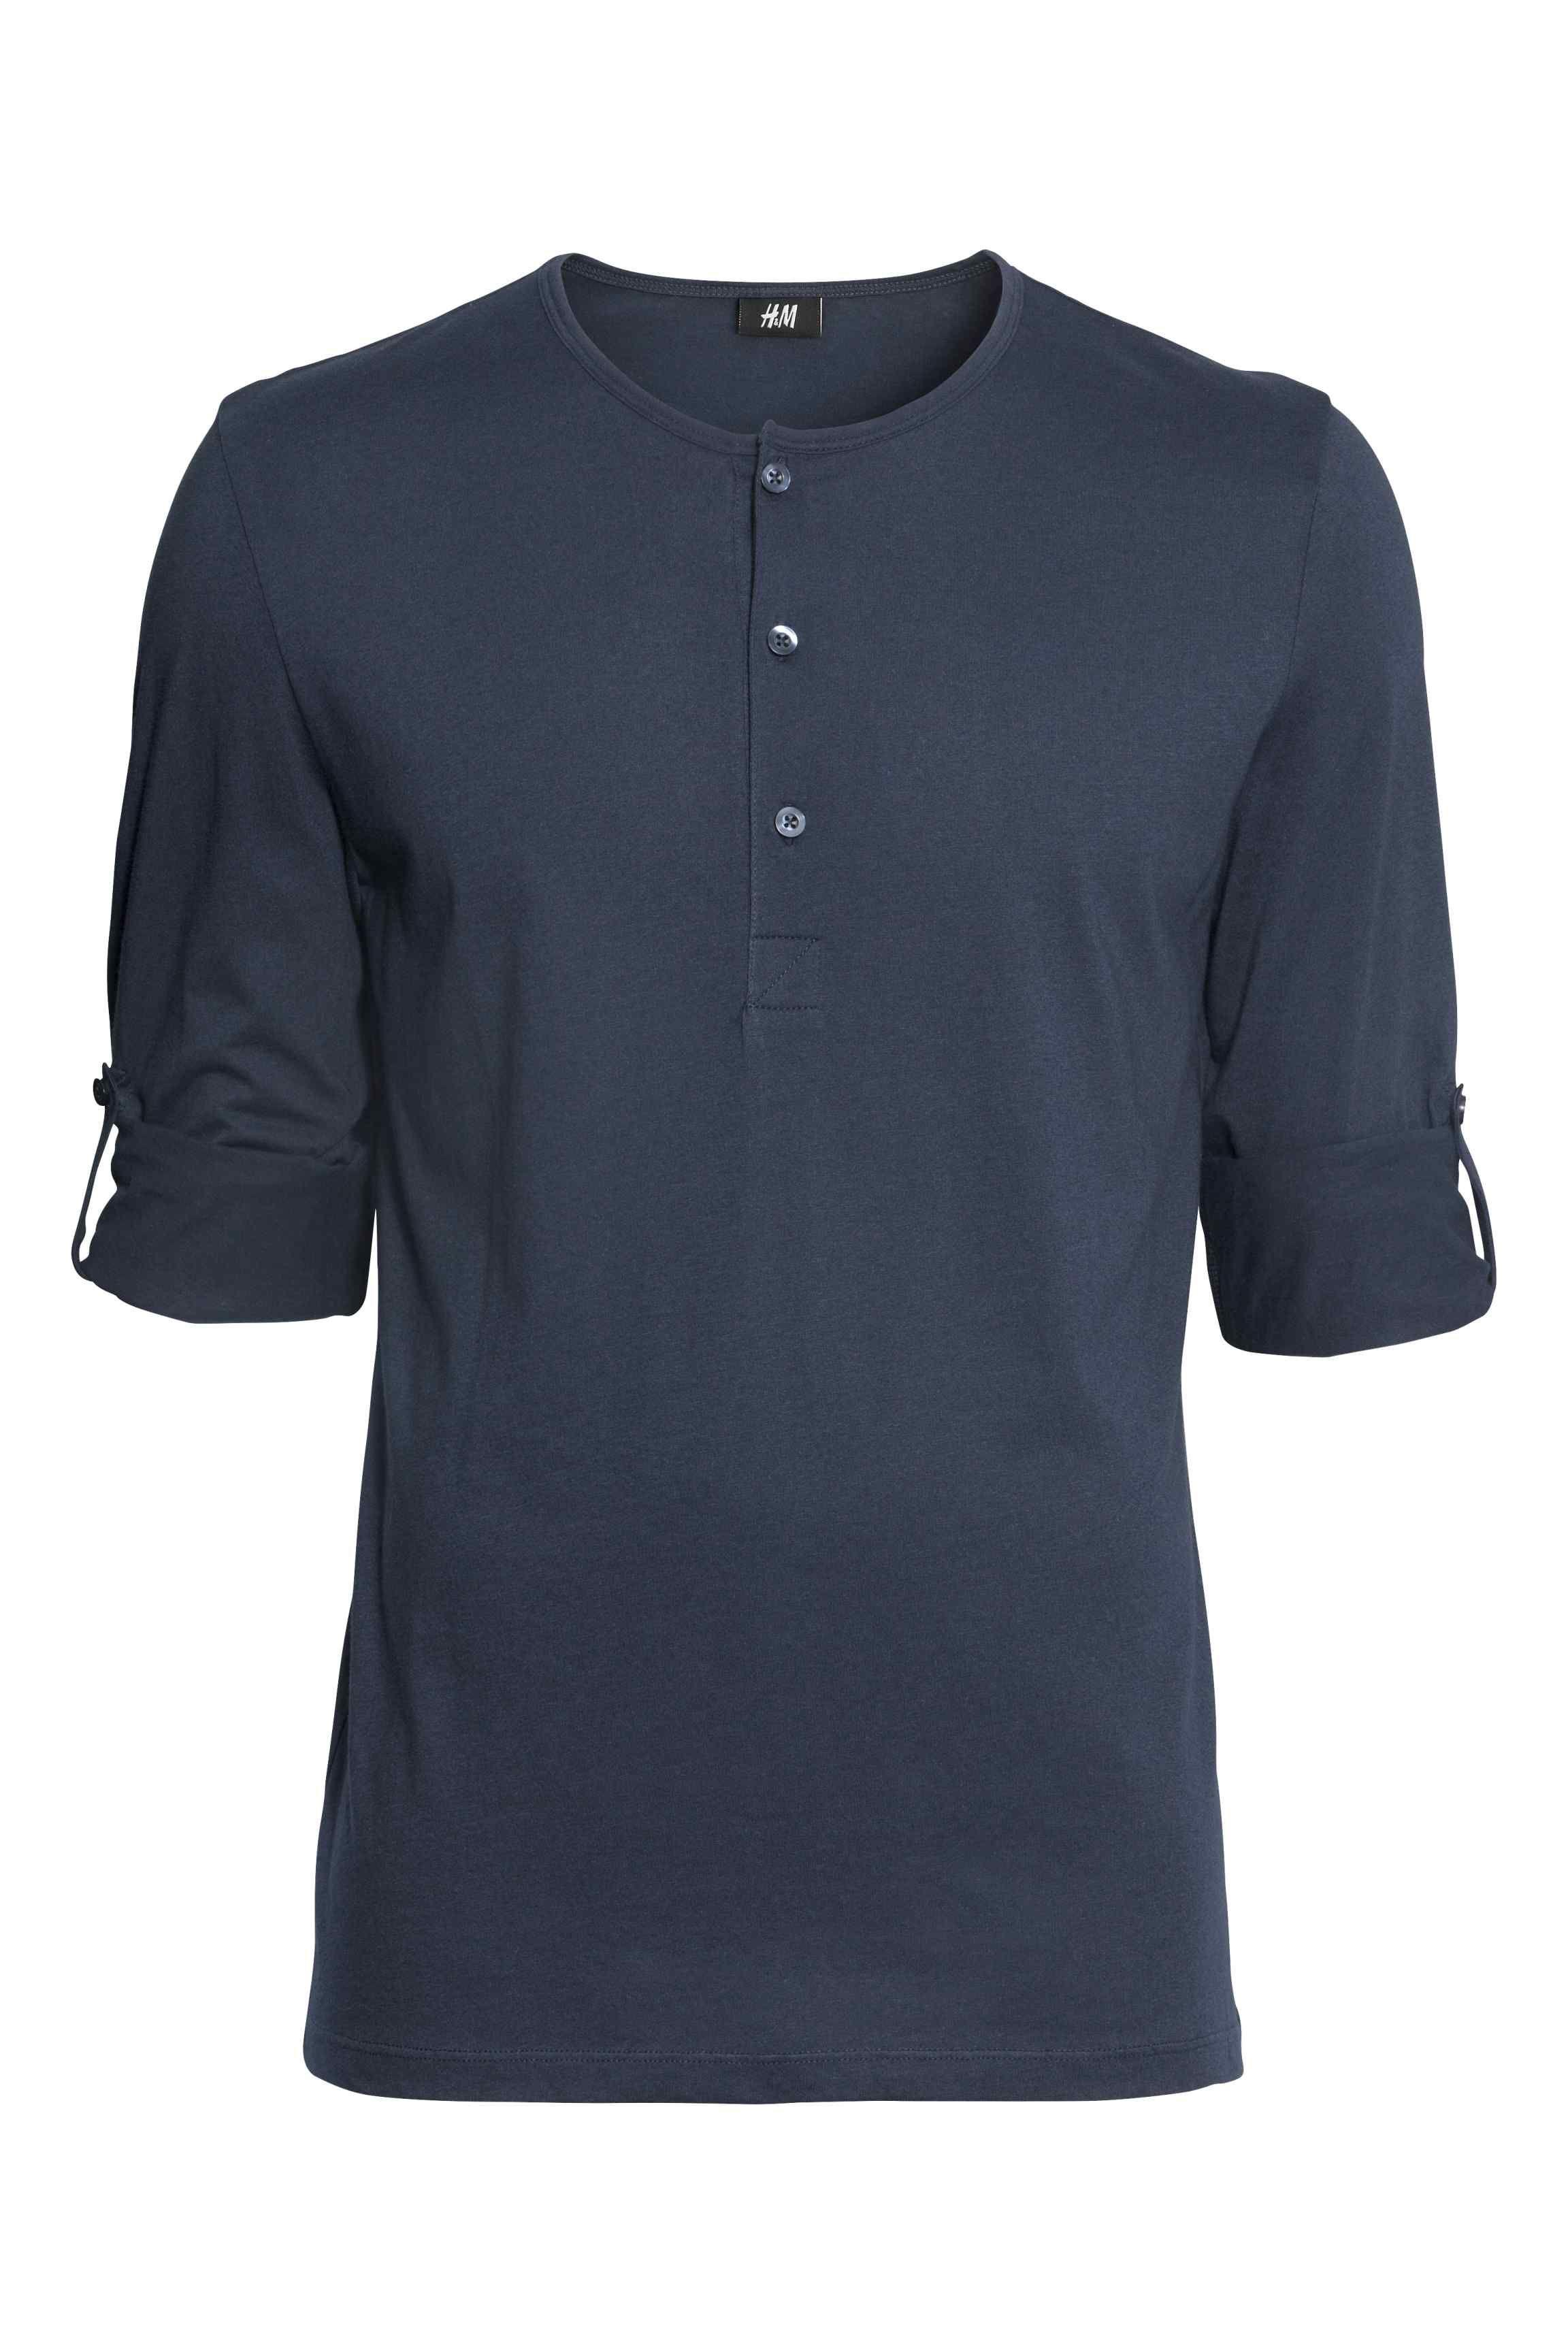 Camiseta con cuello panadero Azul oscuro HOMBRE | H&M ES